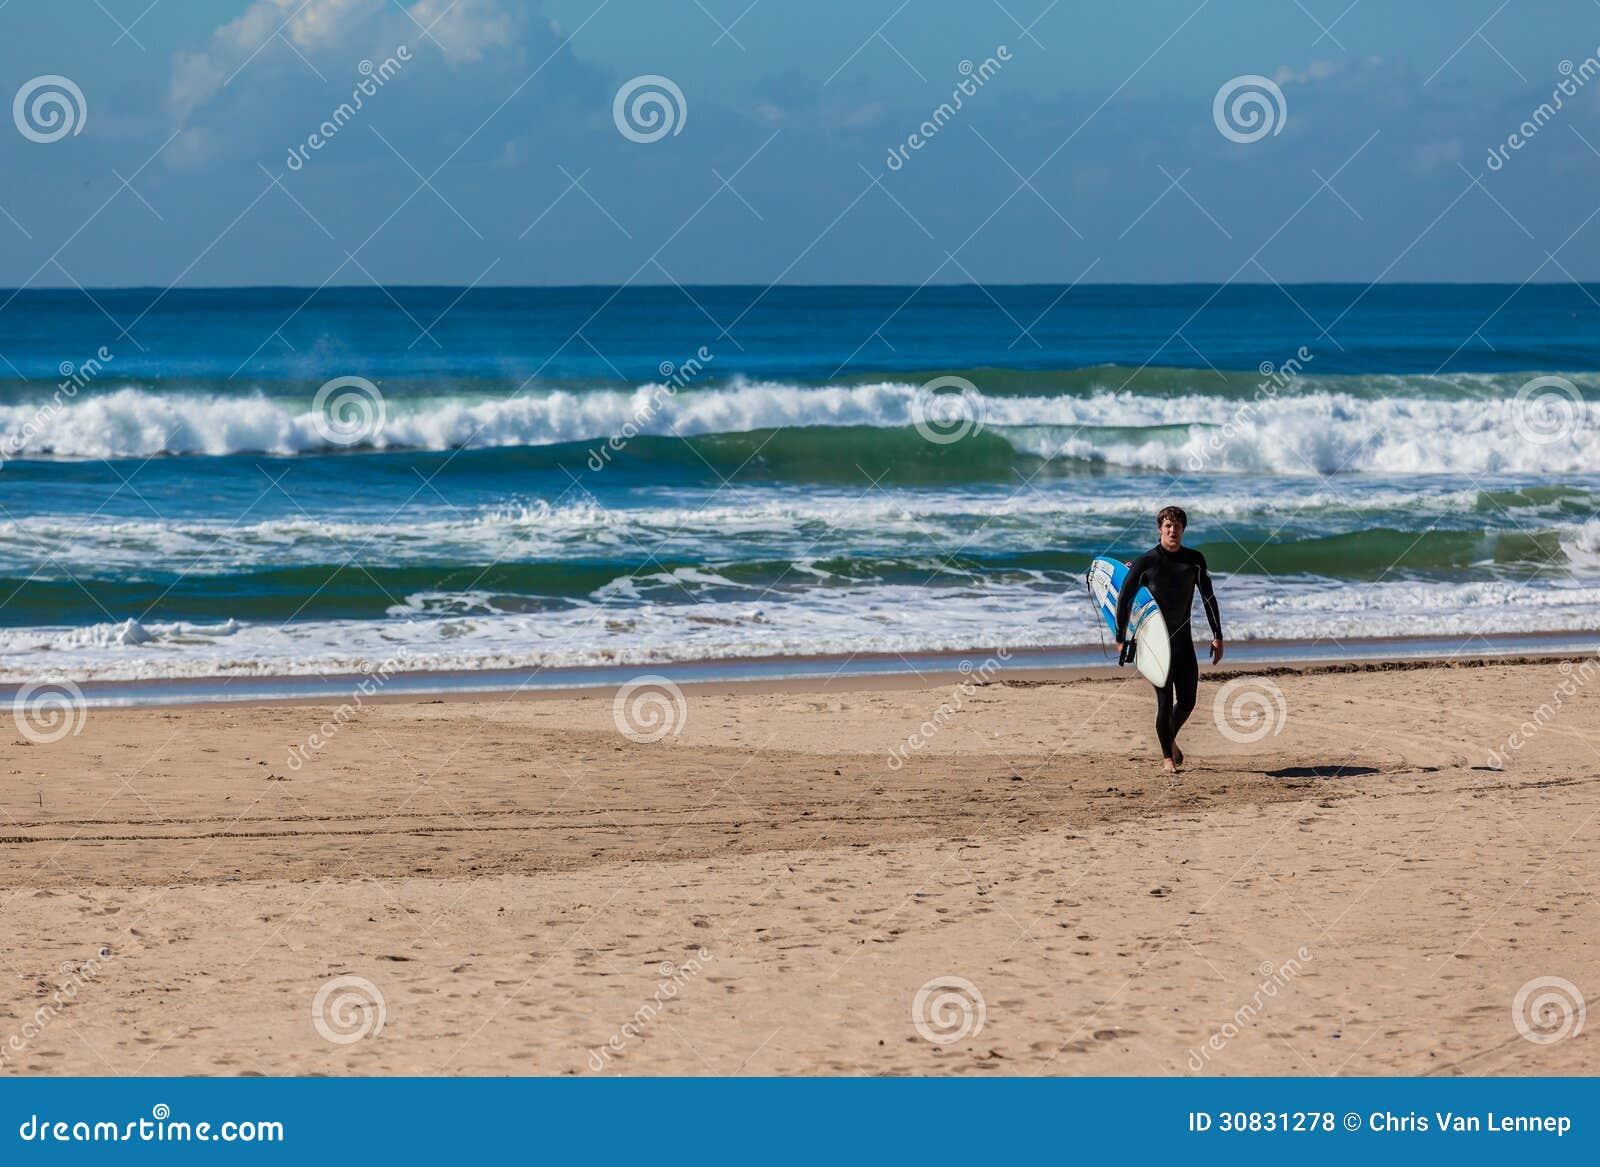 Il surfista della spiaggia esce le onde